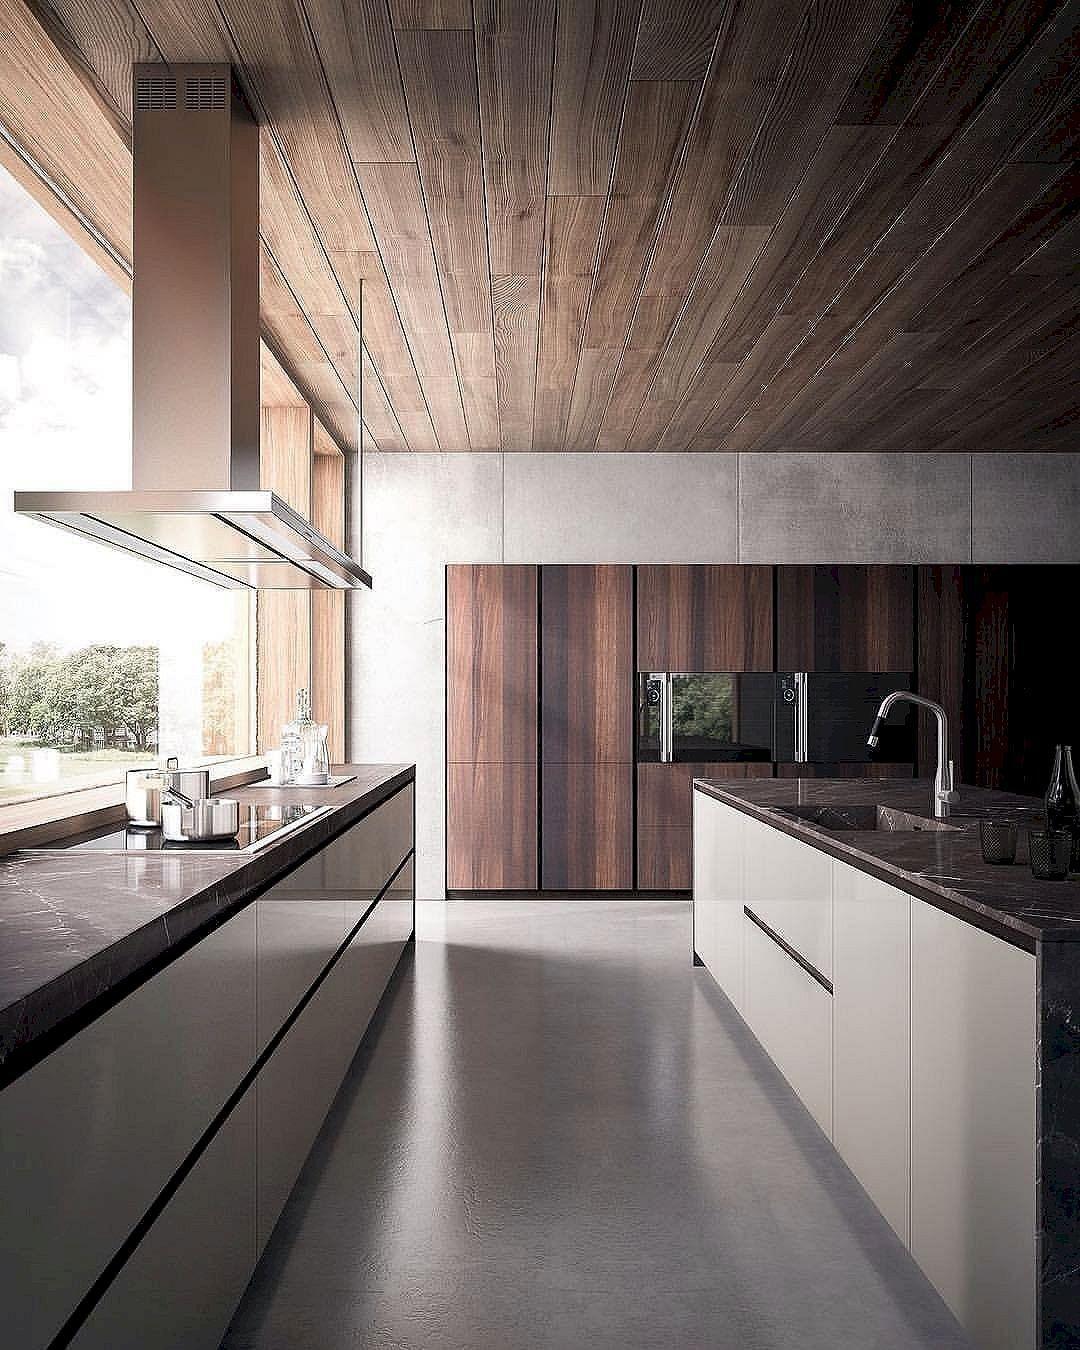 12 Nice Ideas for Your Modern Kitchen Design | Moderne häuser, Küche ...